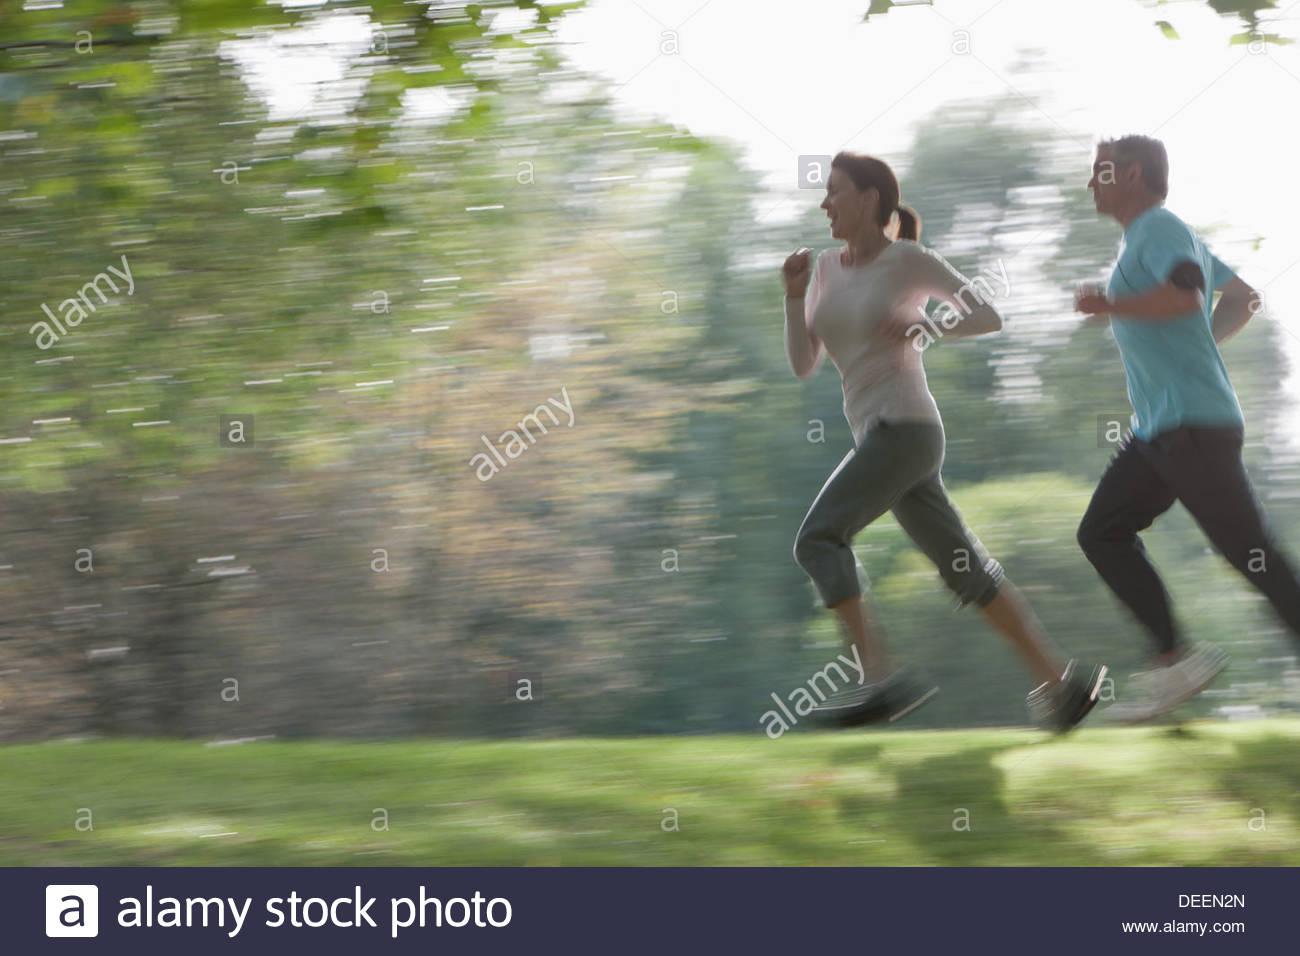 Paar laufen zusammen Stockbild